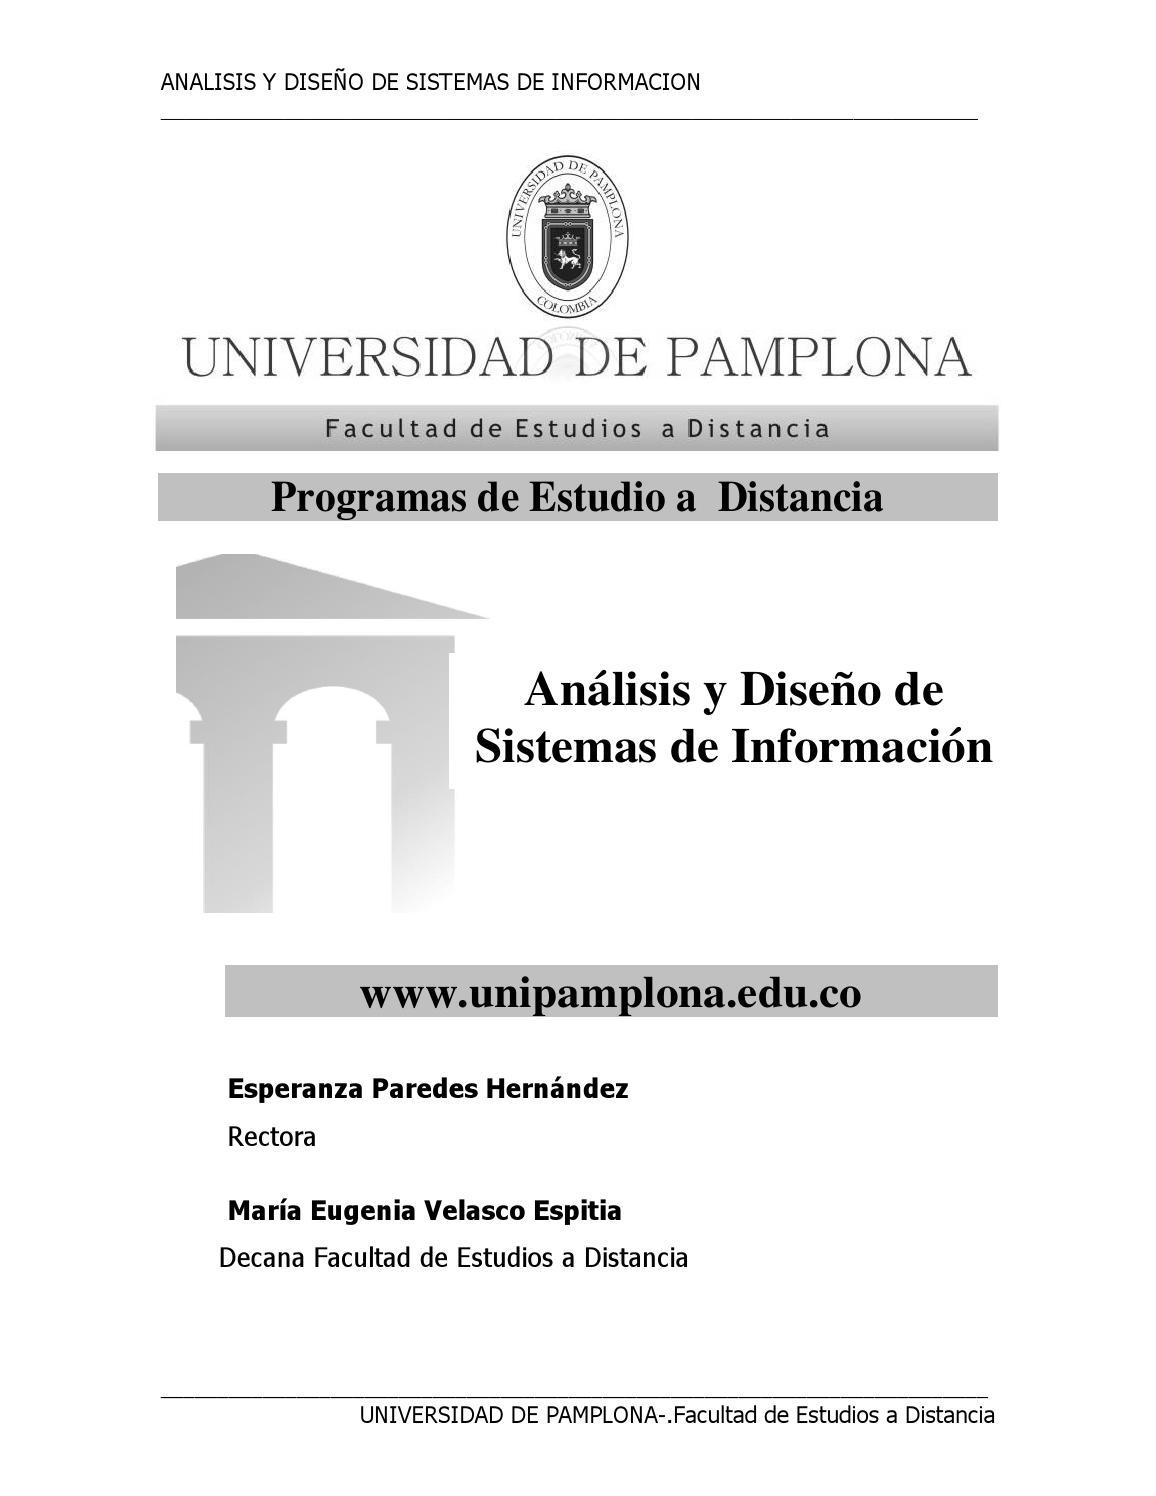 Analisis y diseño e sistemas de informacion by jdgranados25 - issuu